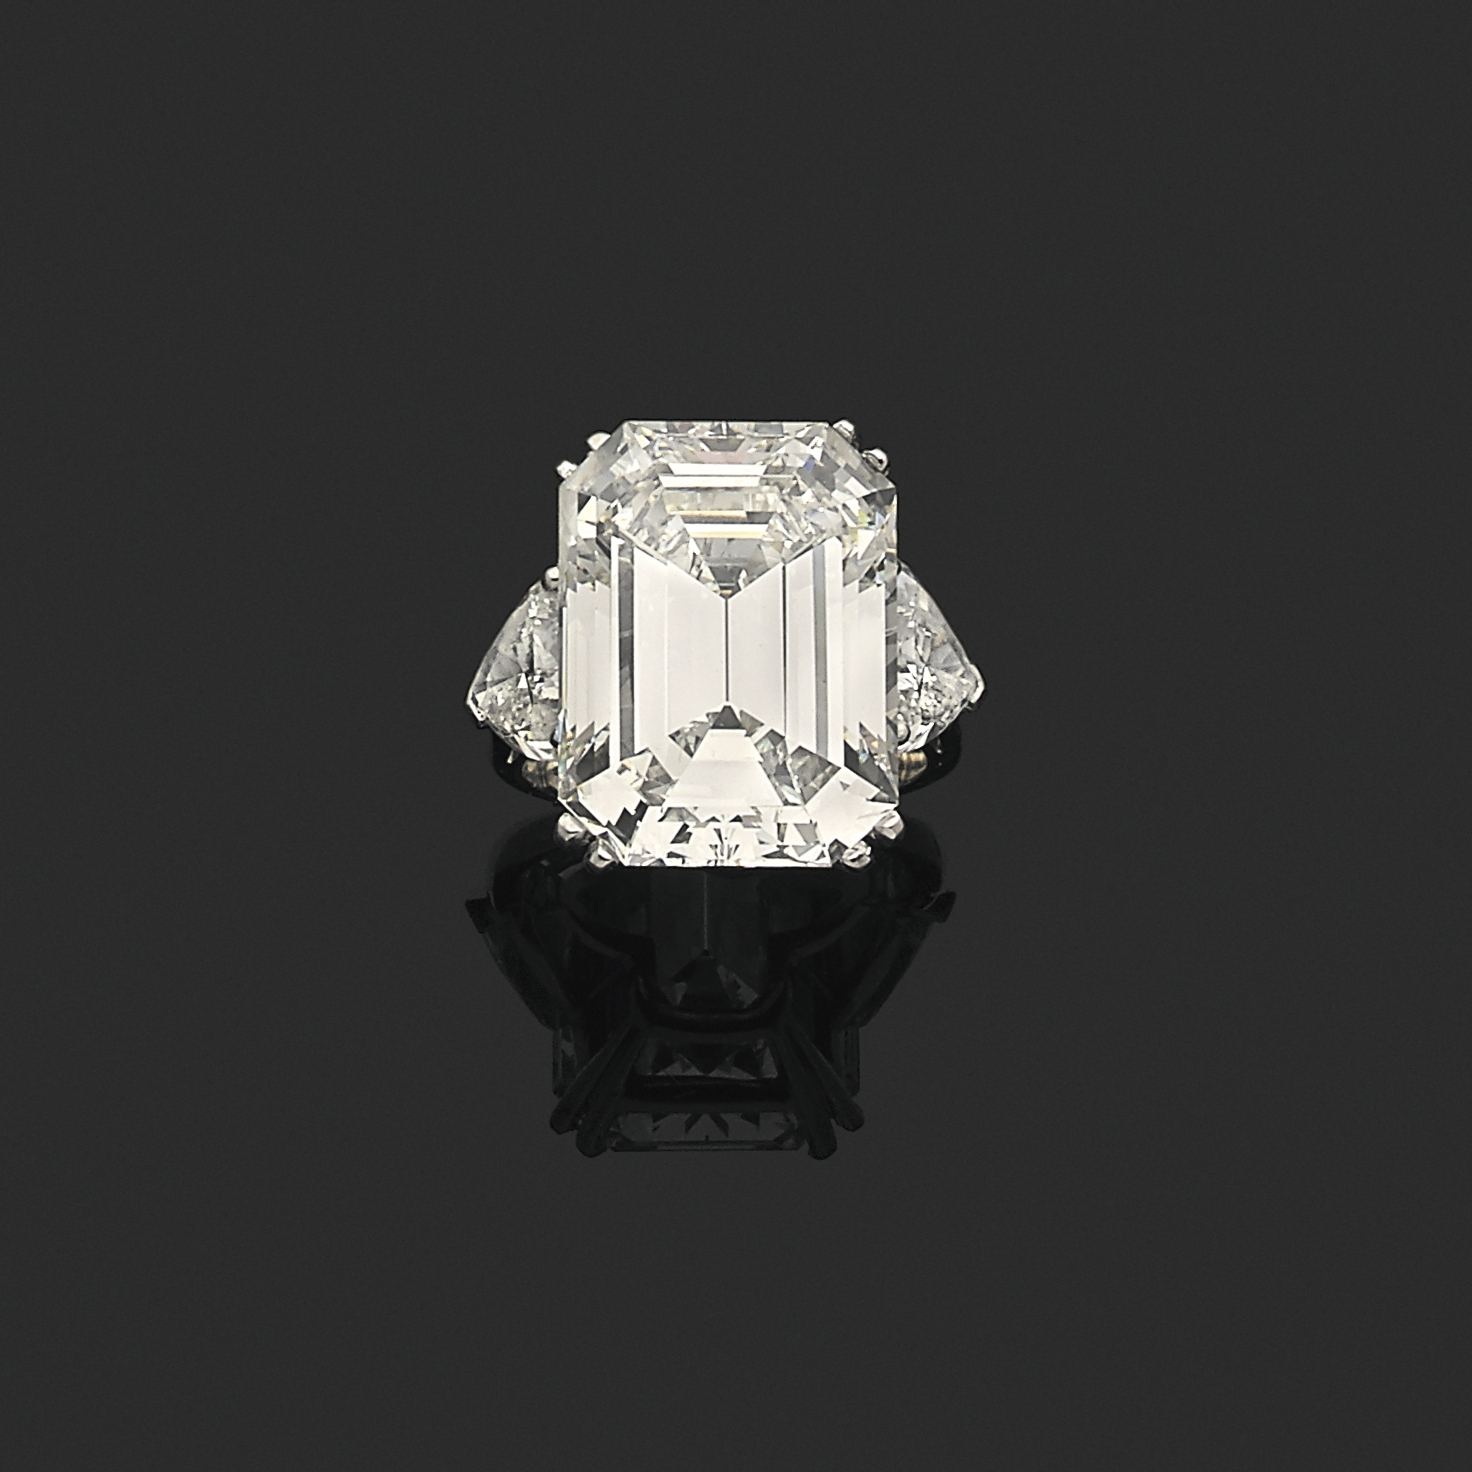 Le clou de ces deux jours de ventes était ce diamant rectangulaire à pans coupés à degrés de 20,46ct, de couleurH et pureté VS1. Il étai